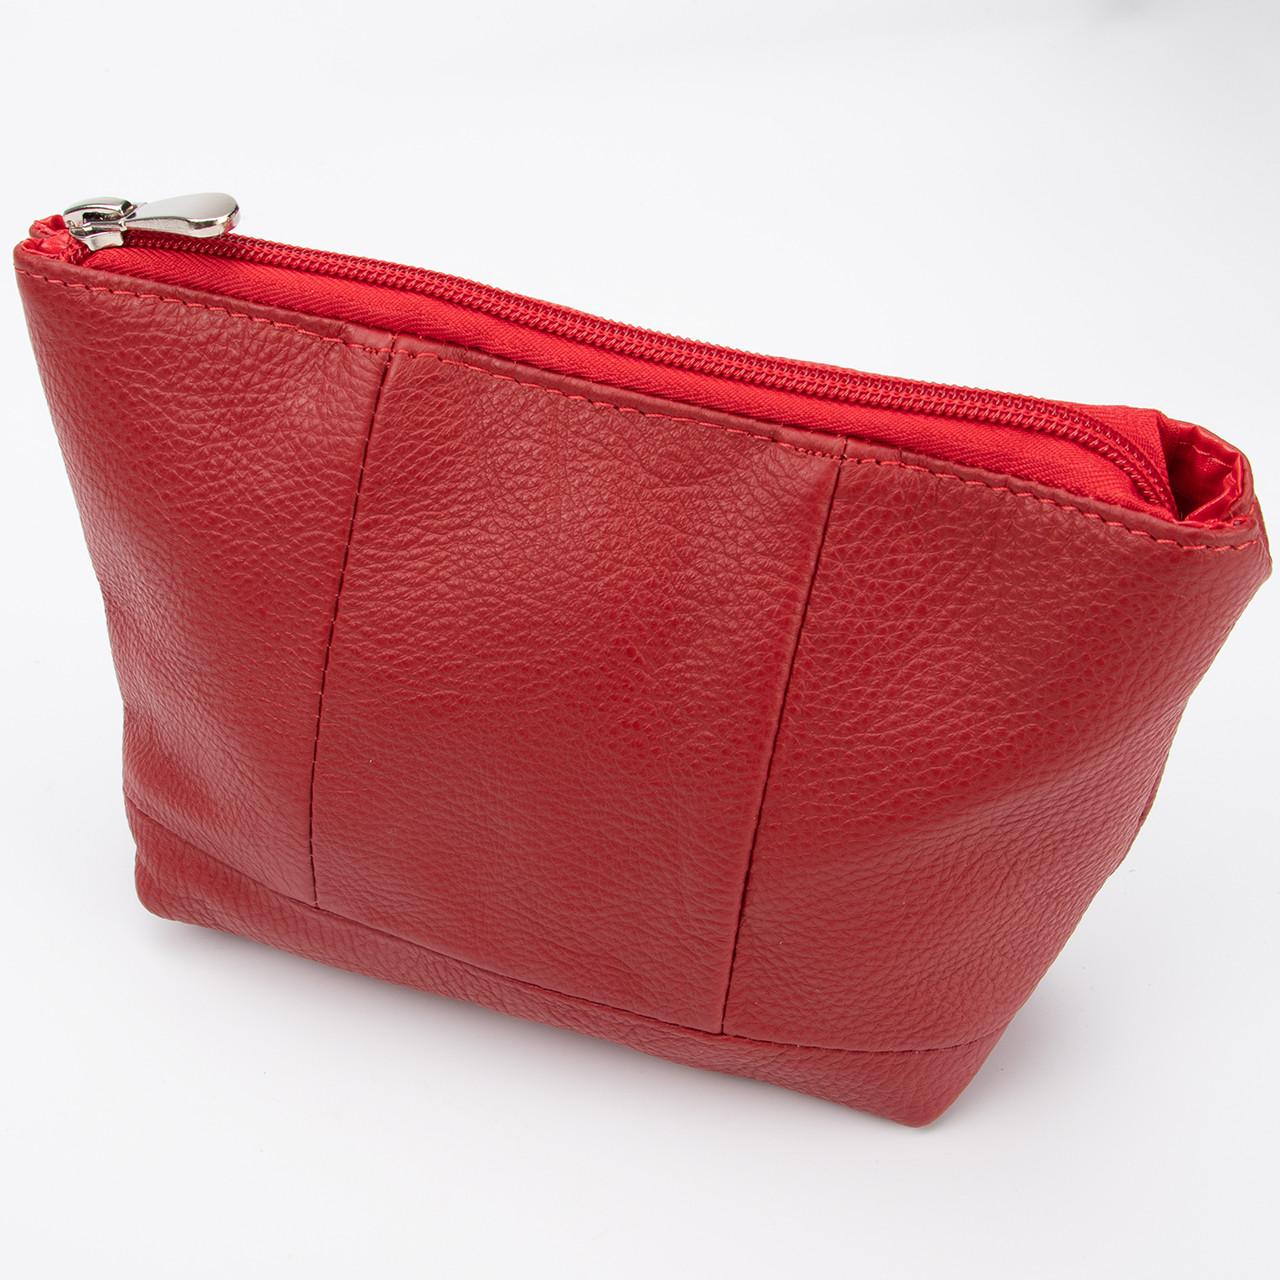 Кожаная косметичка с подкладкой, цвет Красный